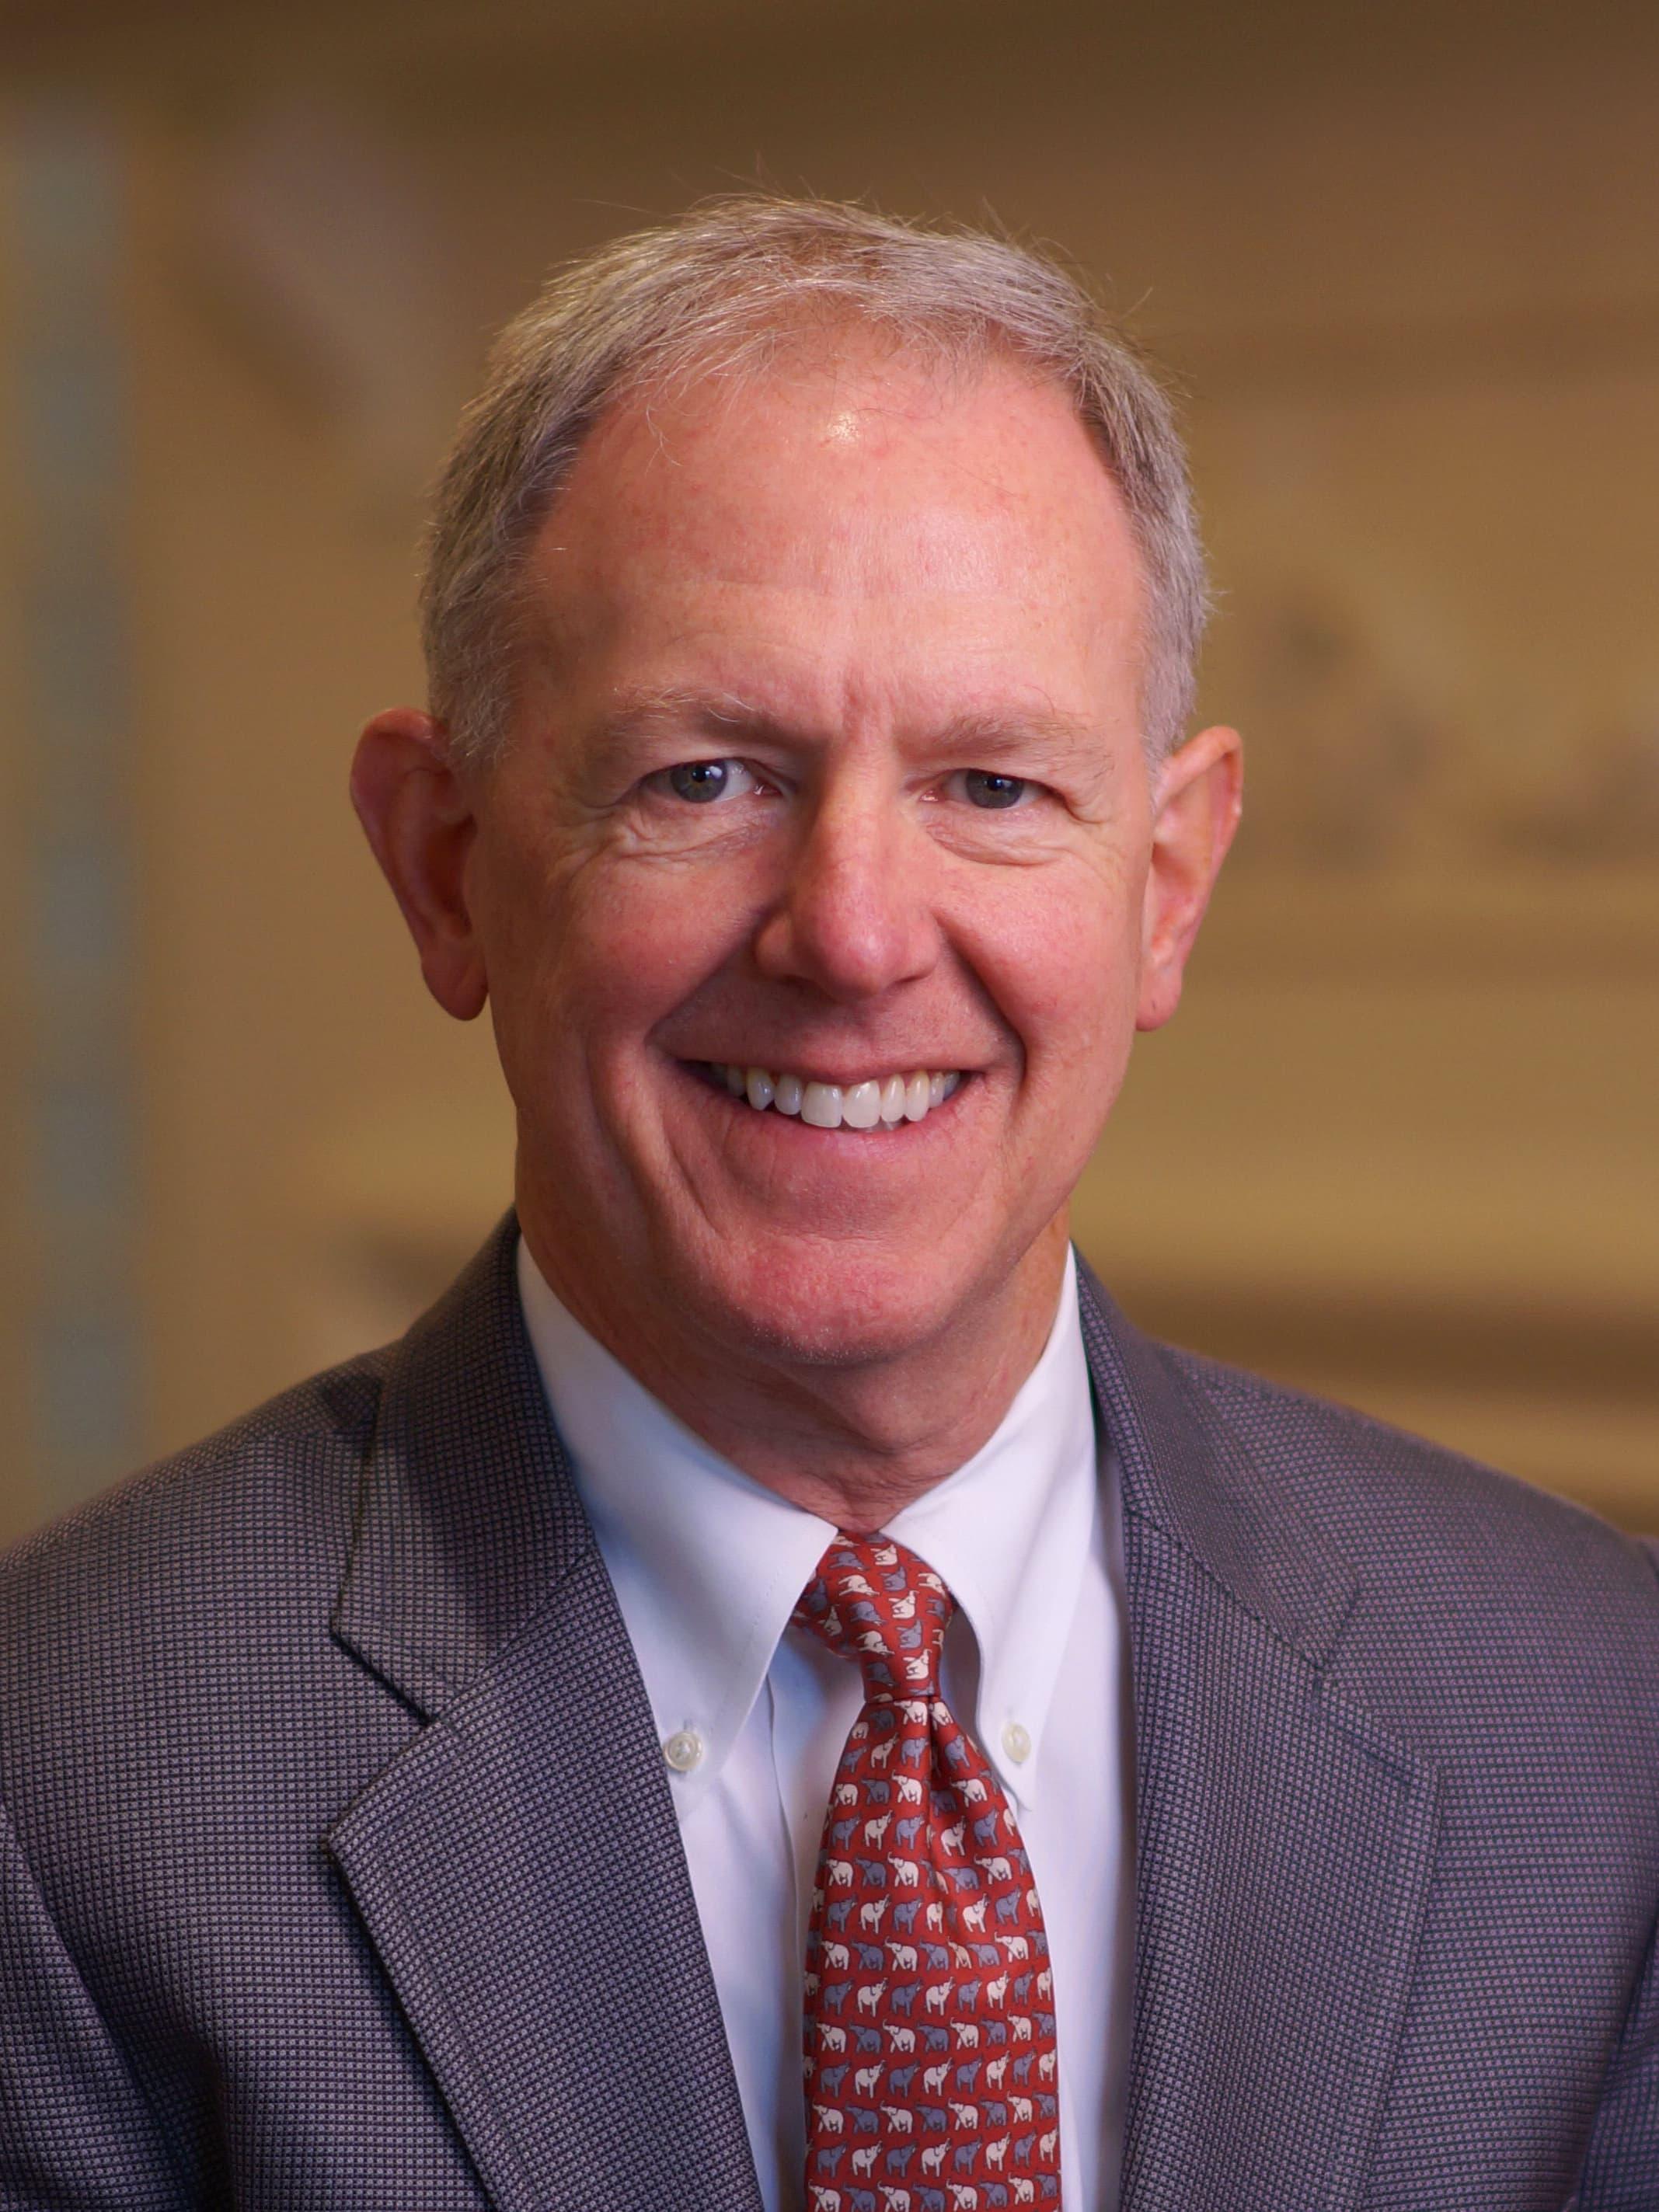 Michael Baumgaertner